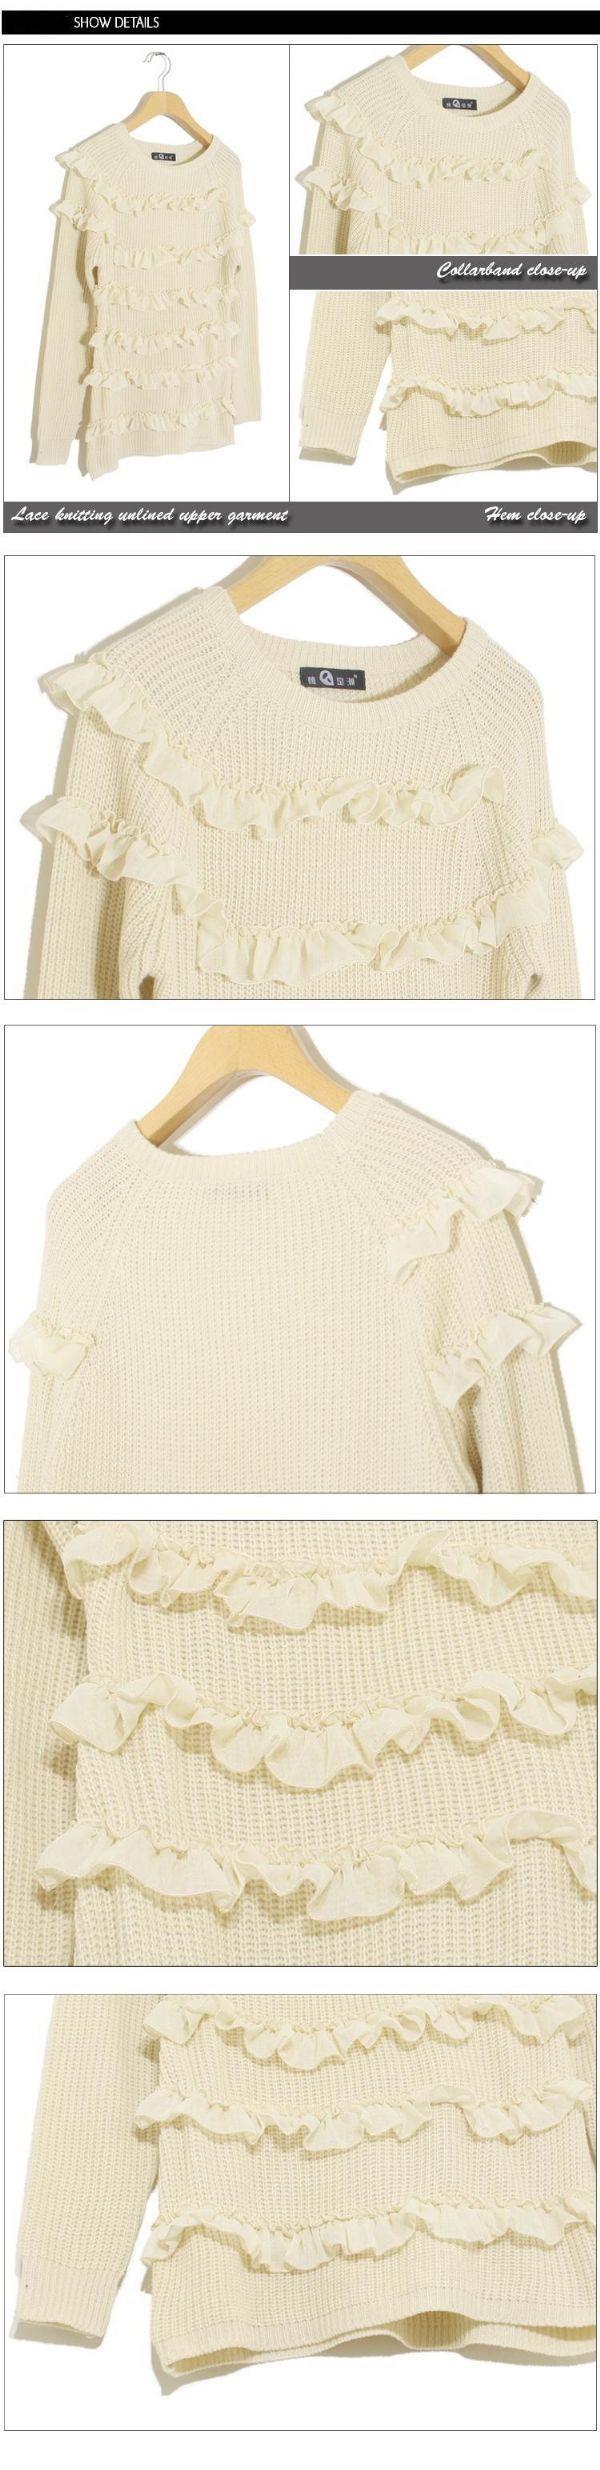 เสื้อกันหนาวพร้อมส่ง : สเวตเตอร์นิตต์สีครีมแต่งริ้วระบายด้านหน้า